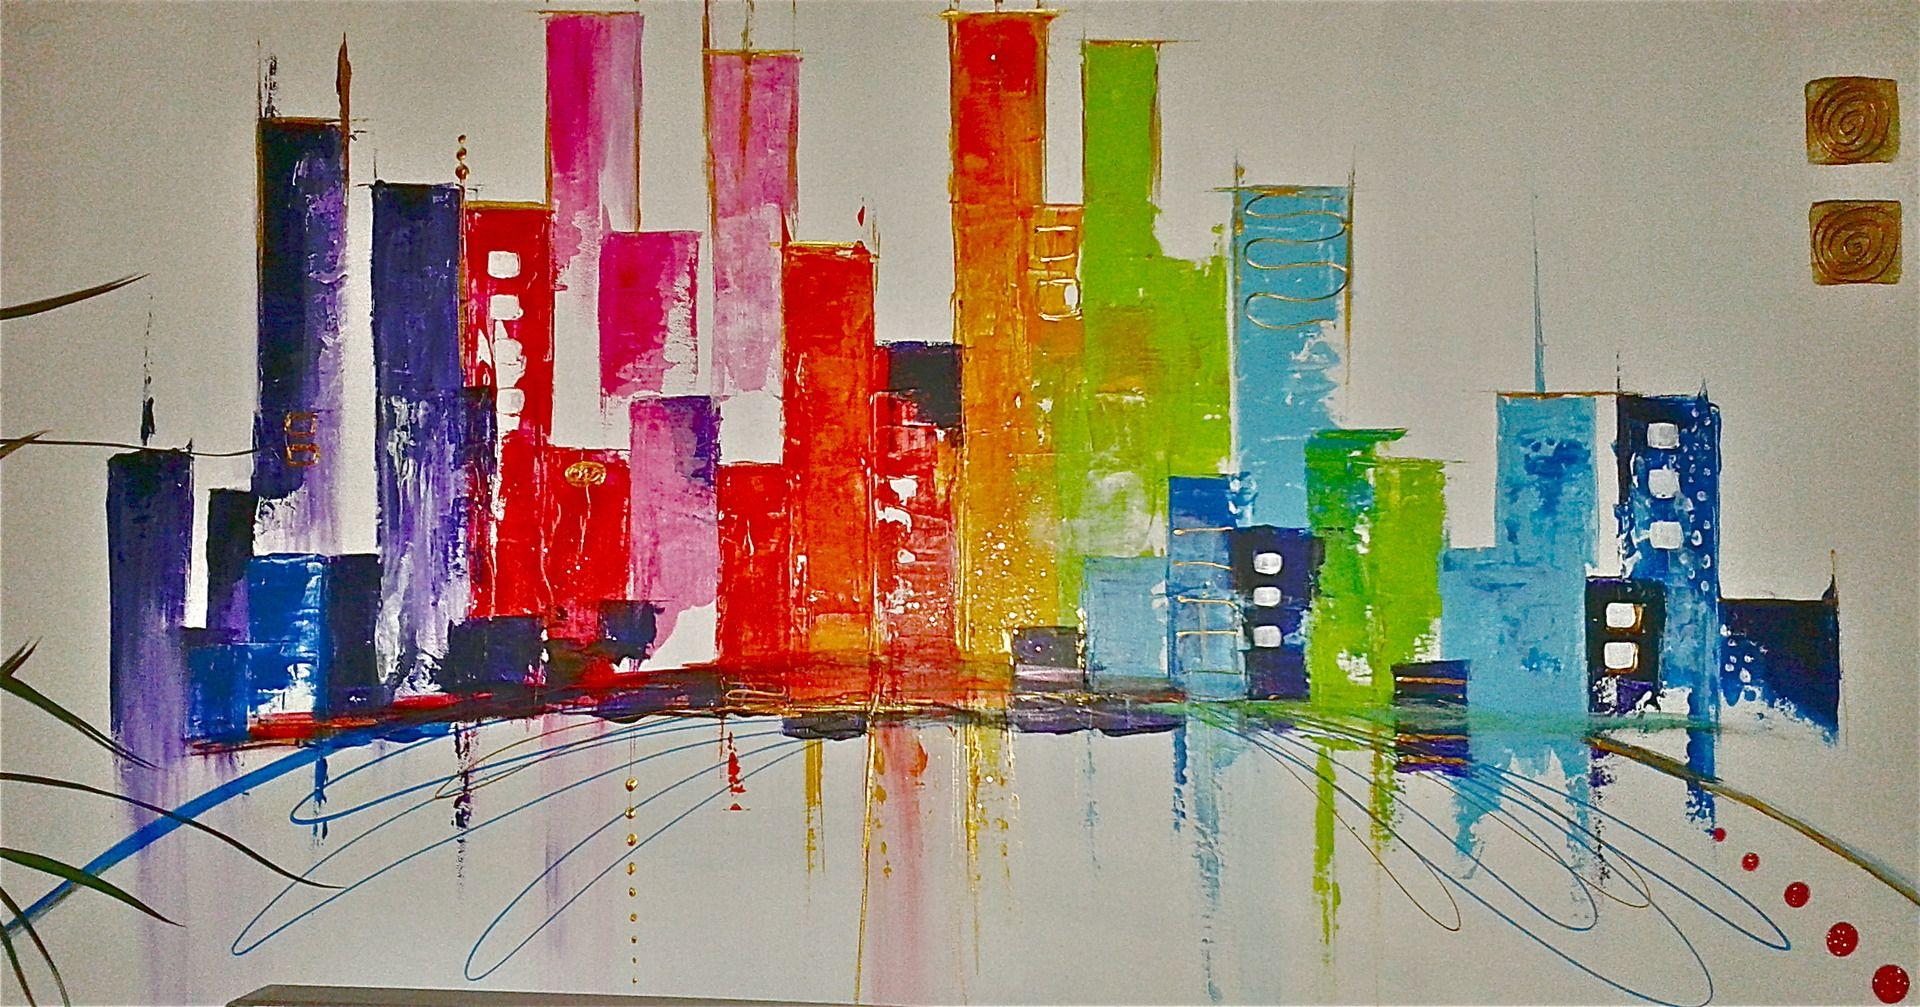 Le phare rouge peinture sur bois art abstrait fonds d for Peinture contemporaine abstraite